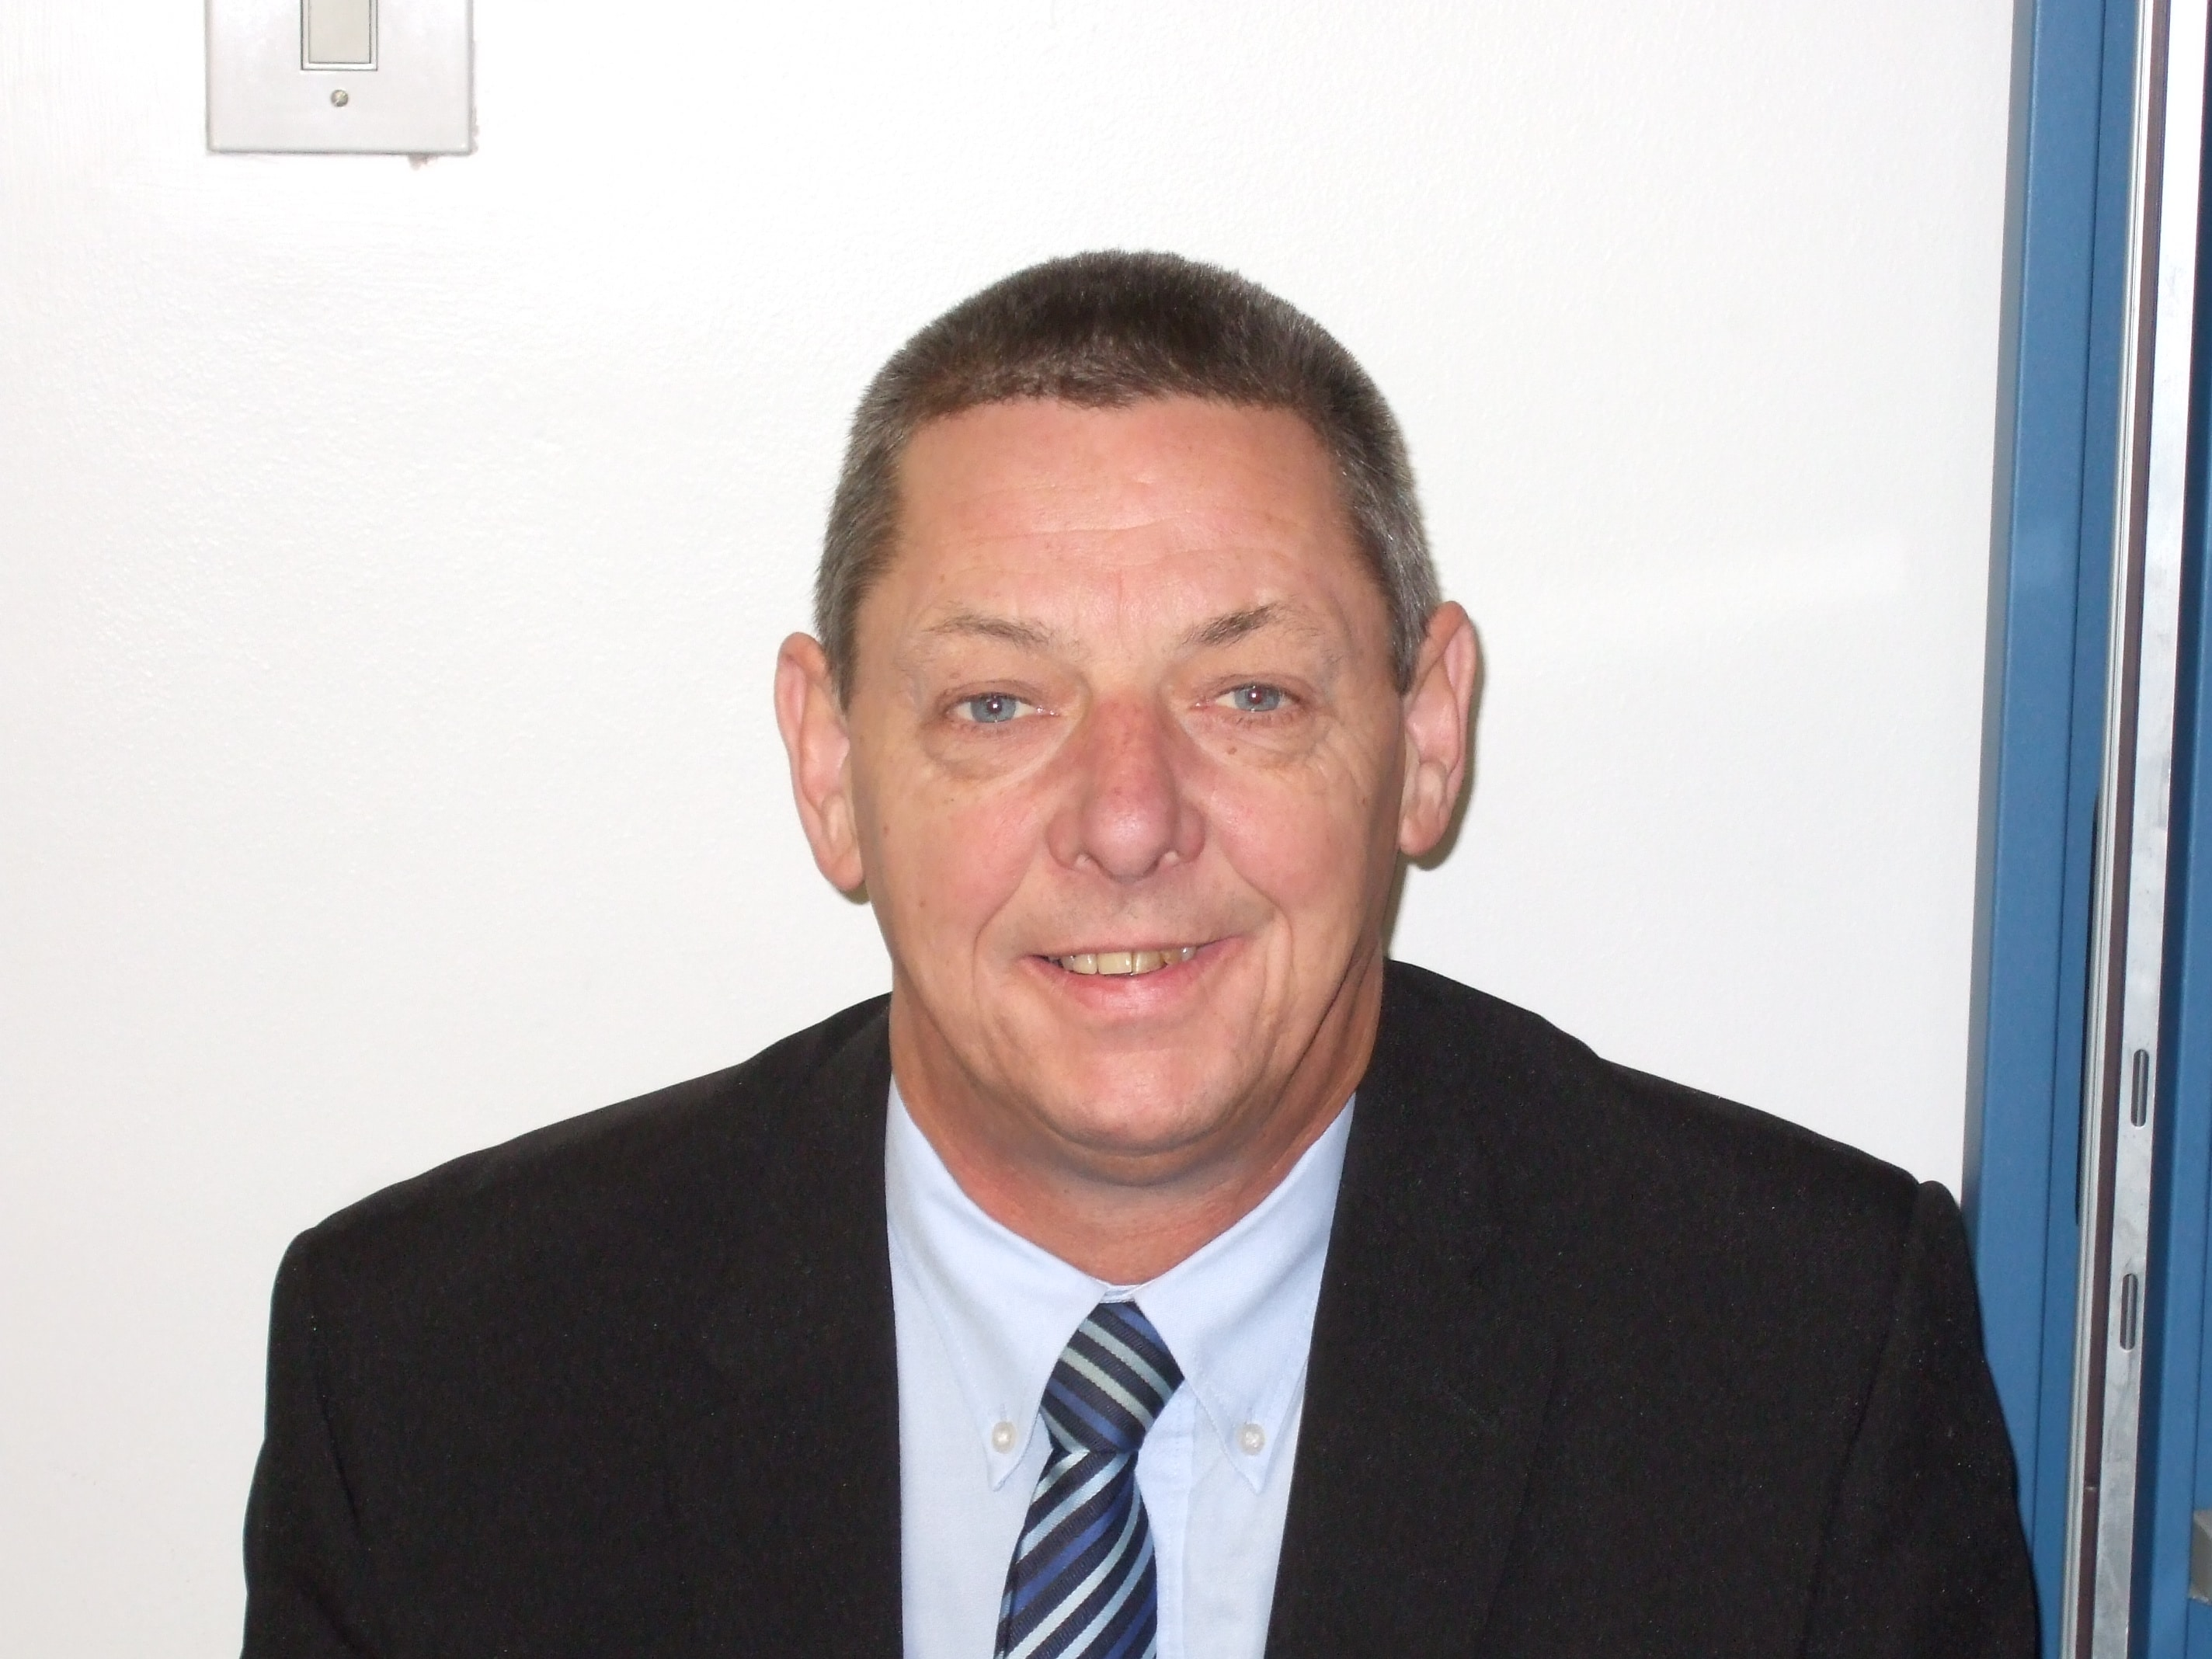 Andrew McClenaghan